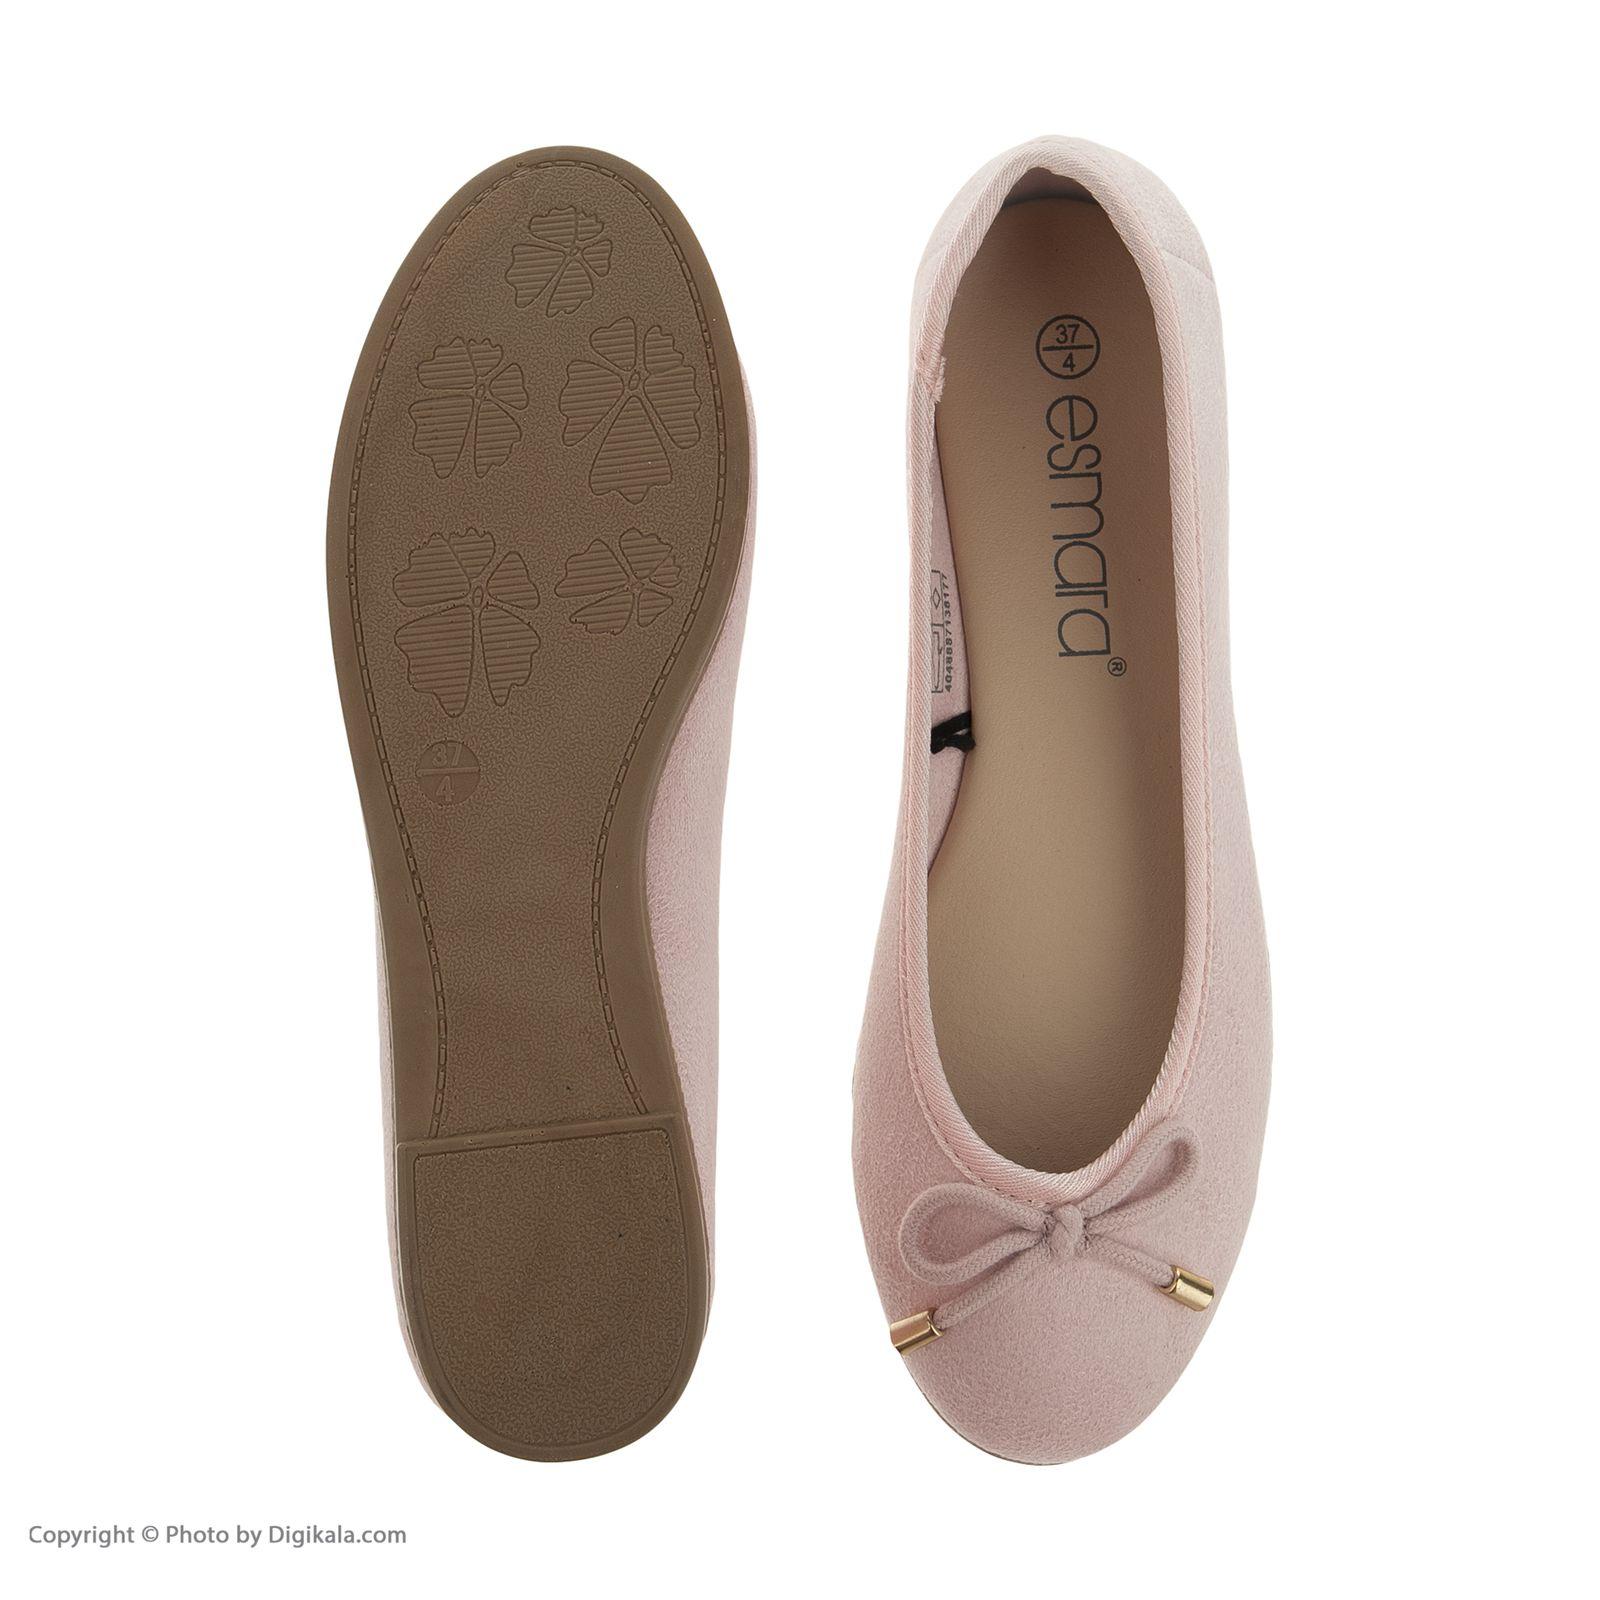 کفش زنانه اسمارا کد Esh05 -  - 8